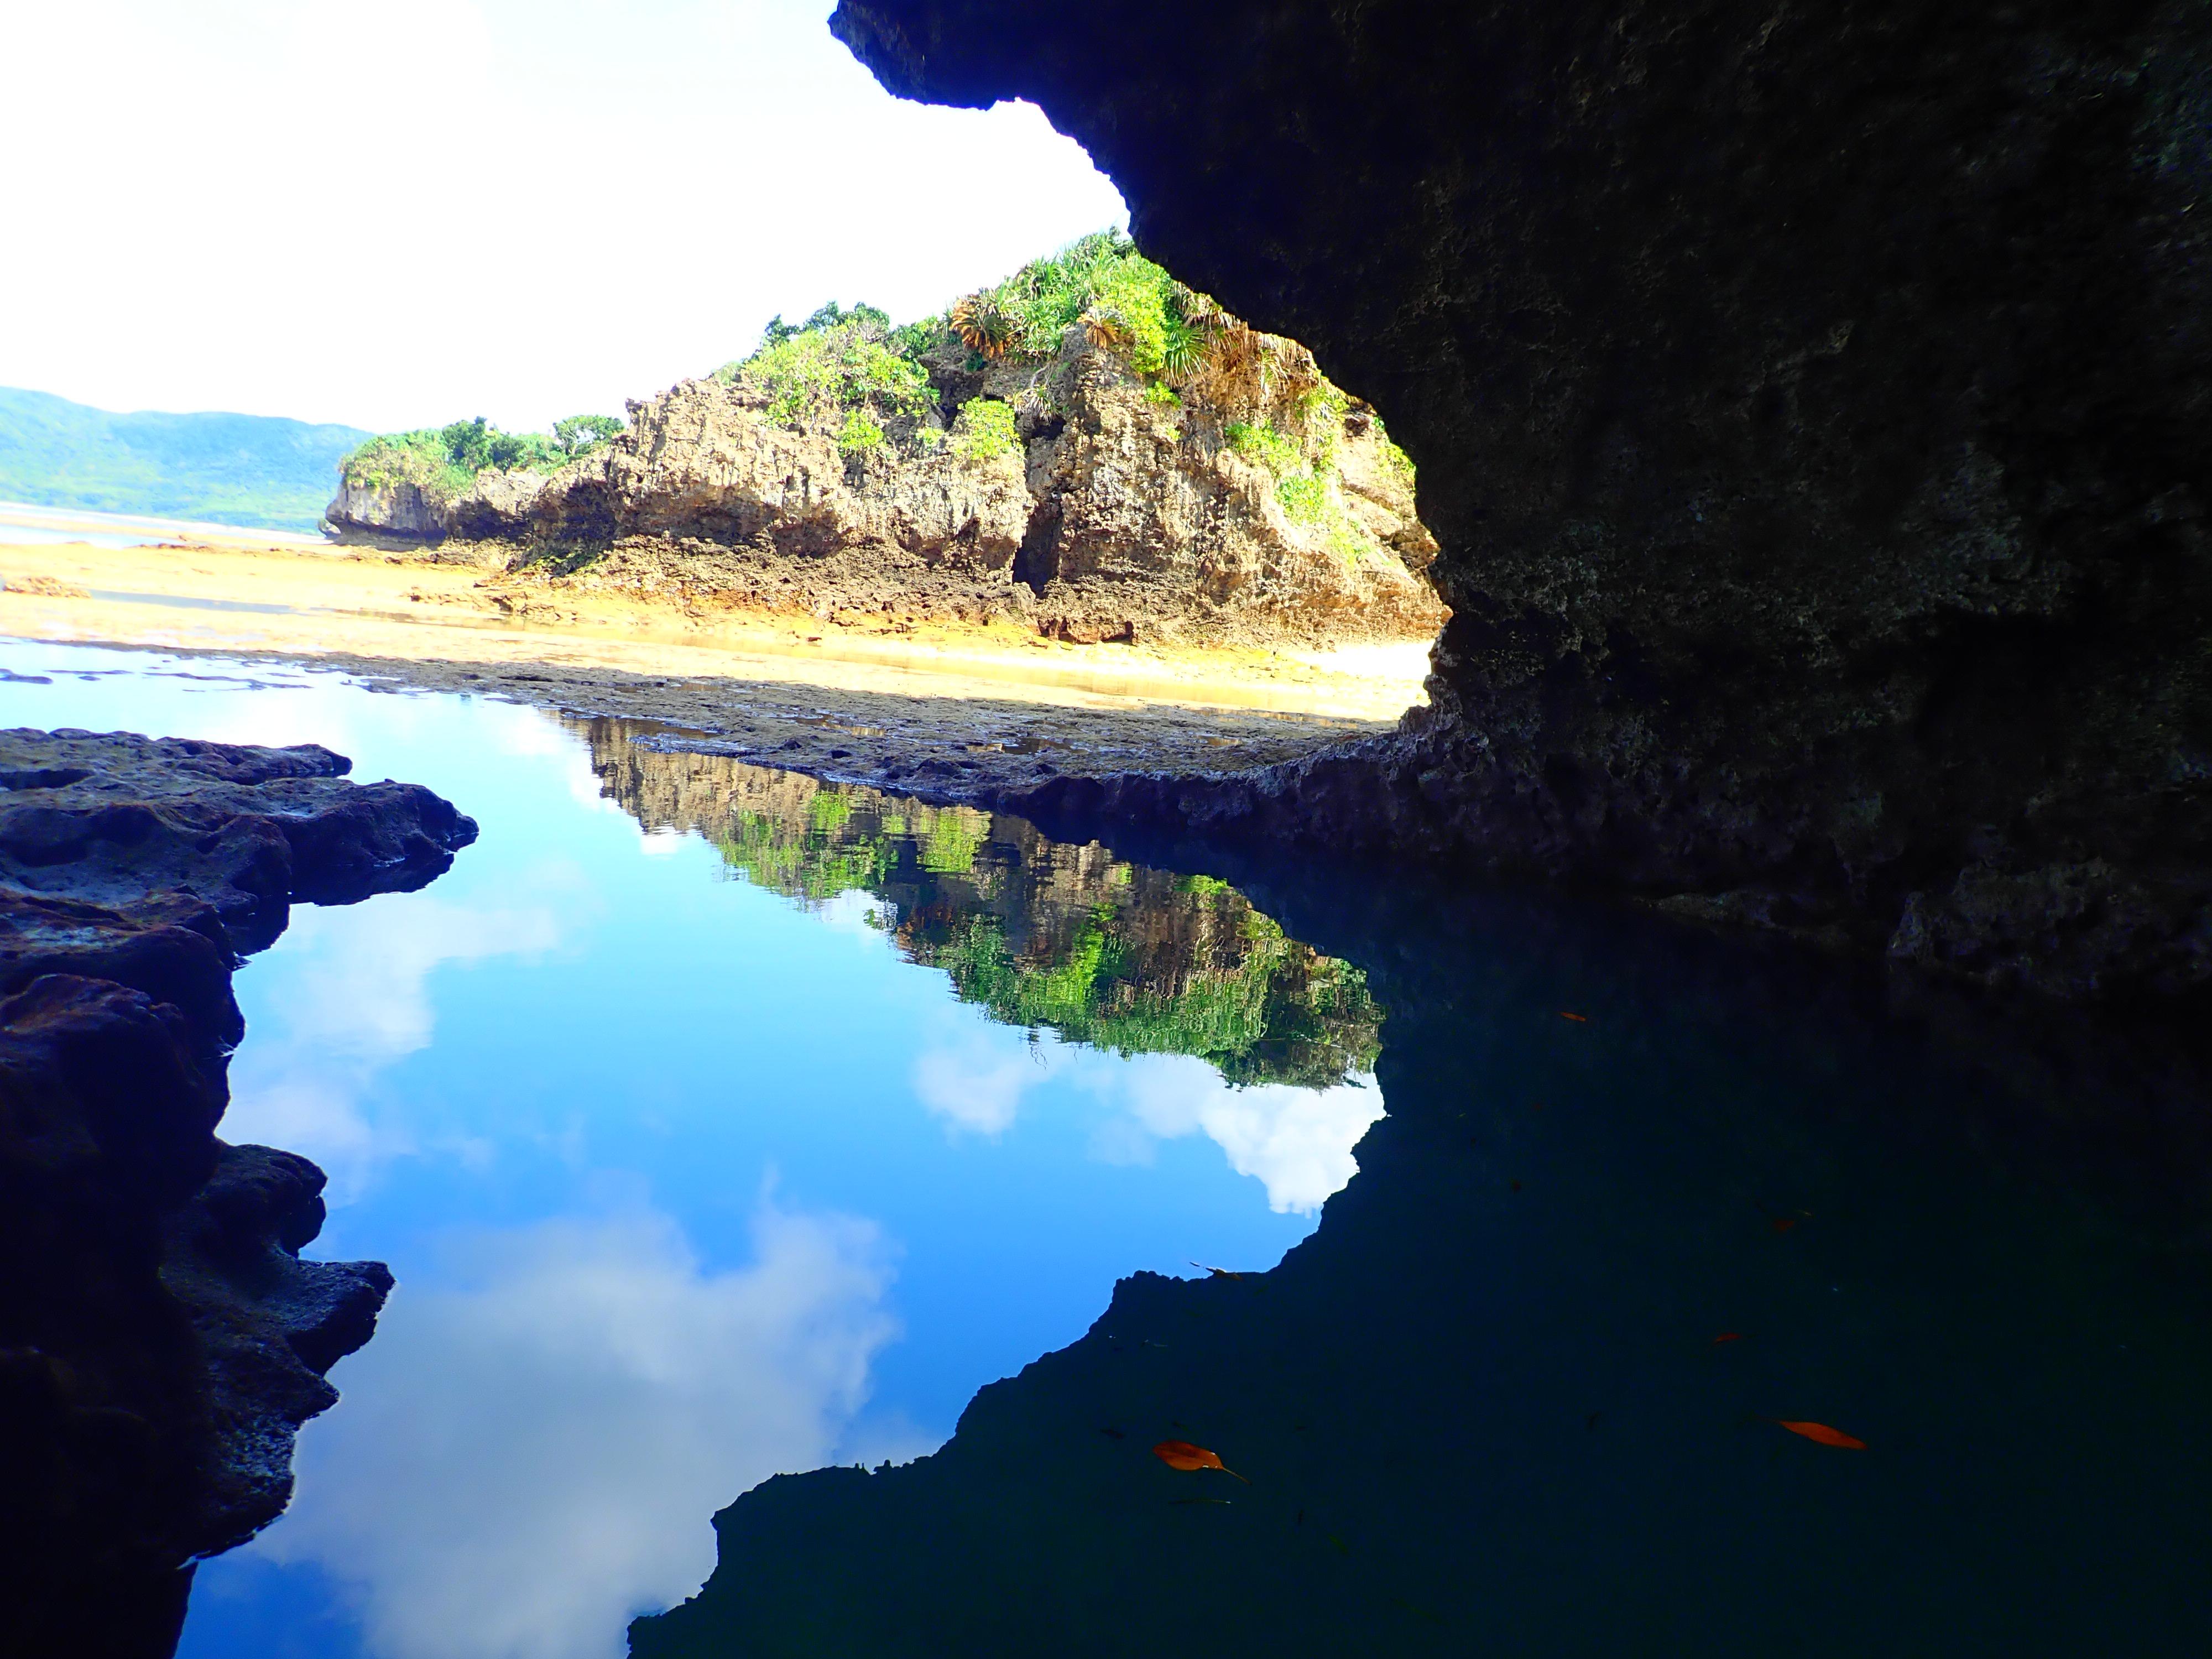 青の洞窟から見る風景